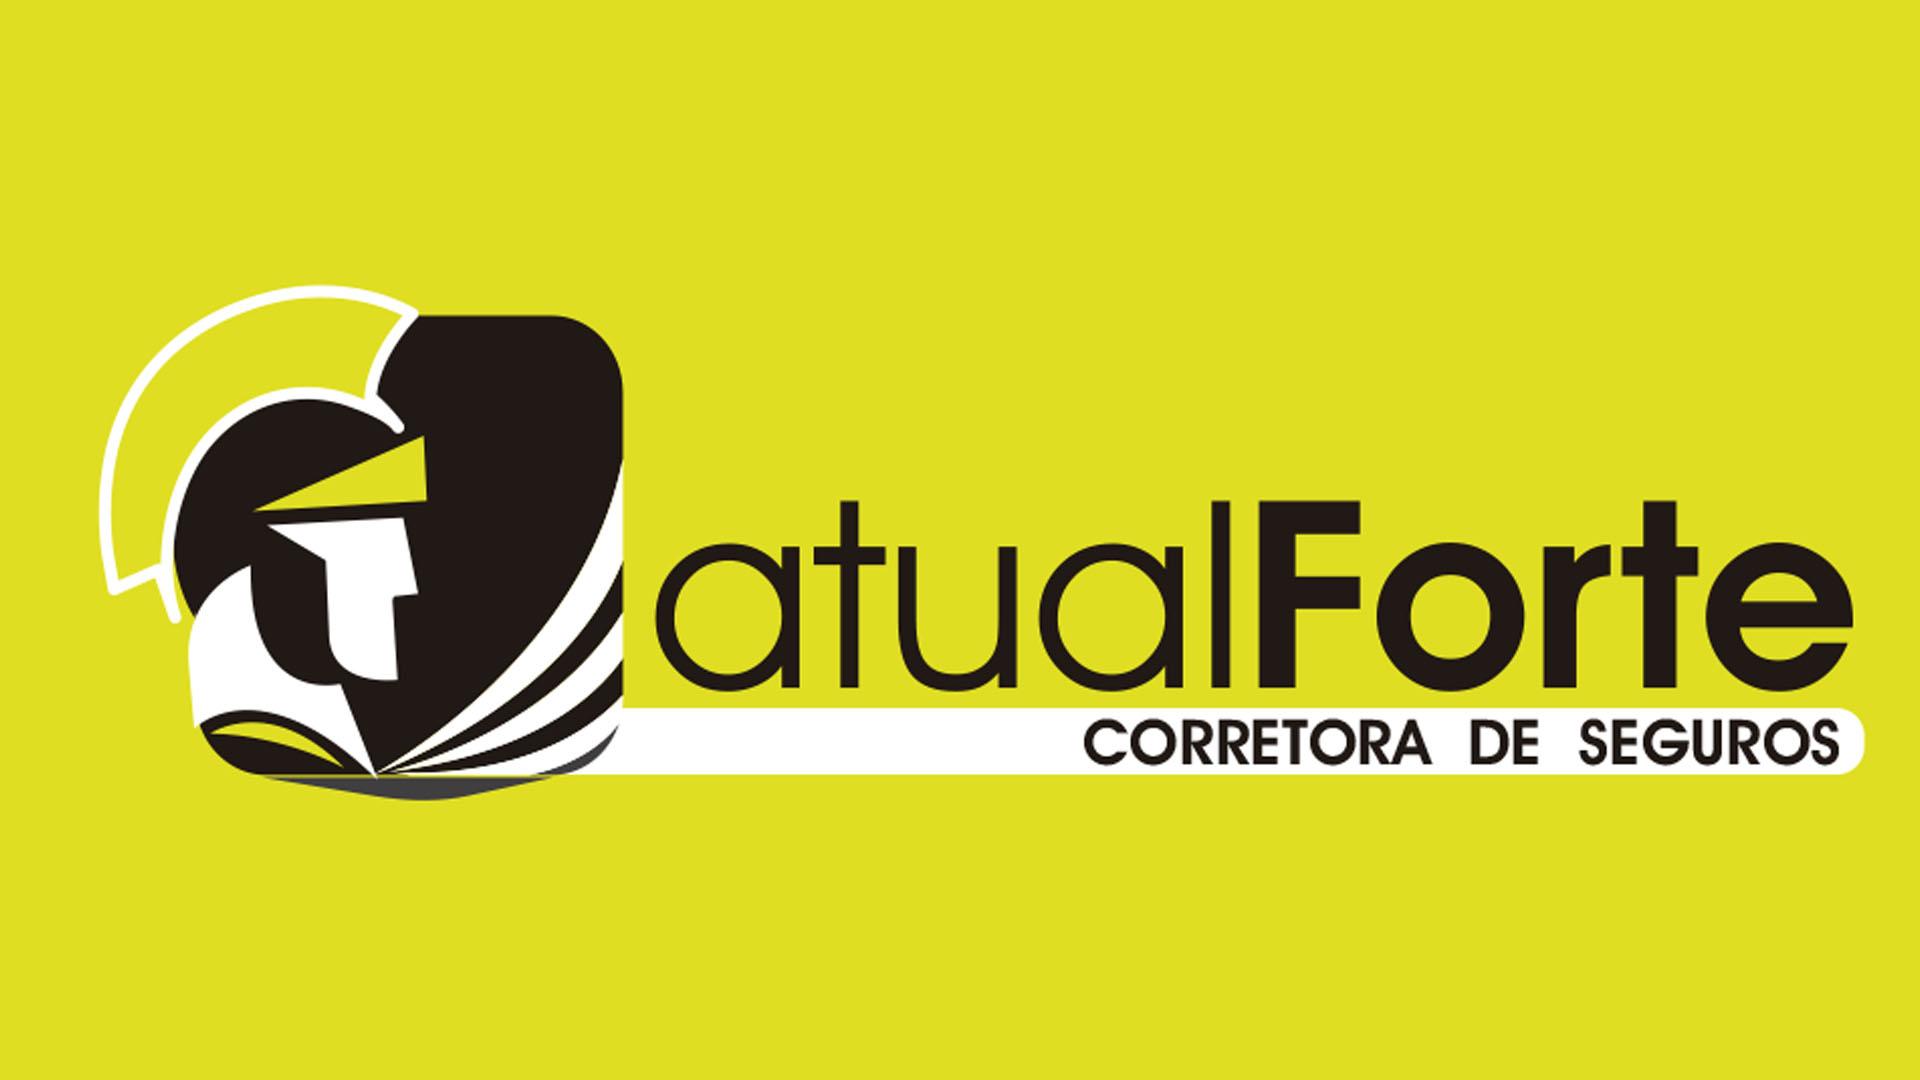 Atual Forte Seguros